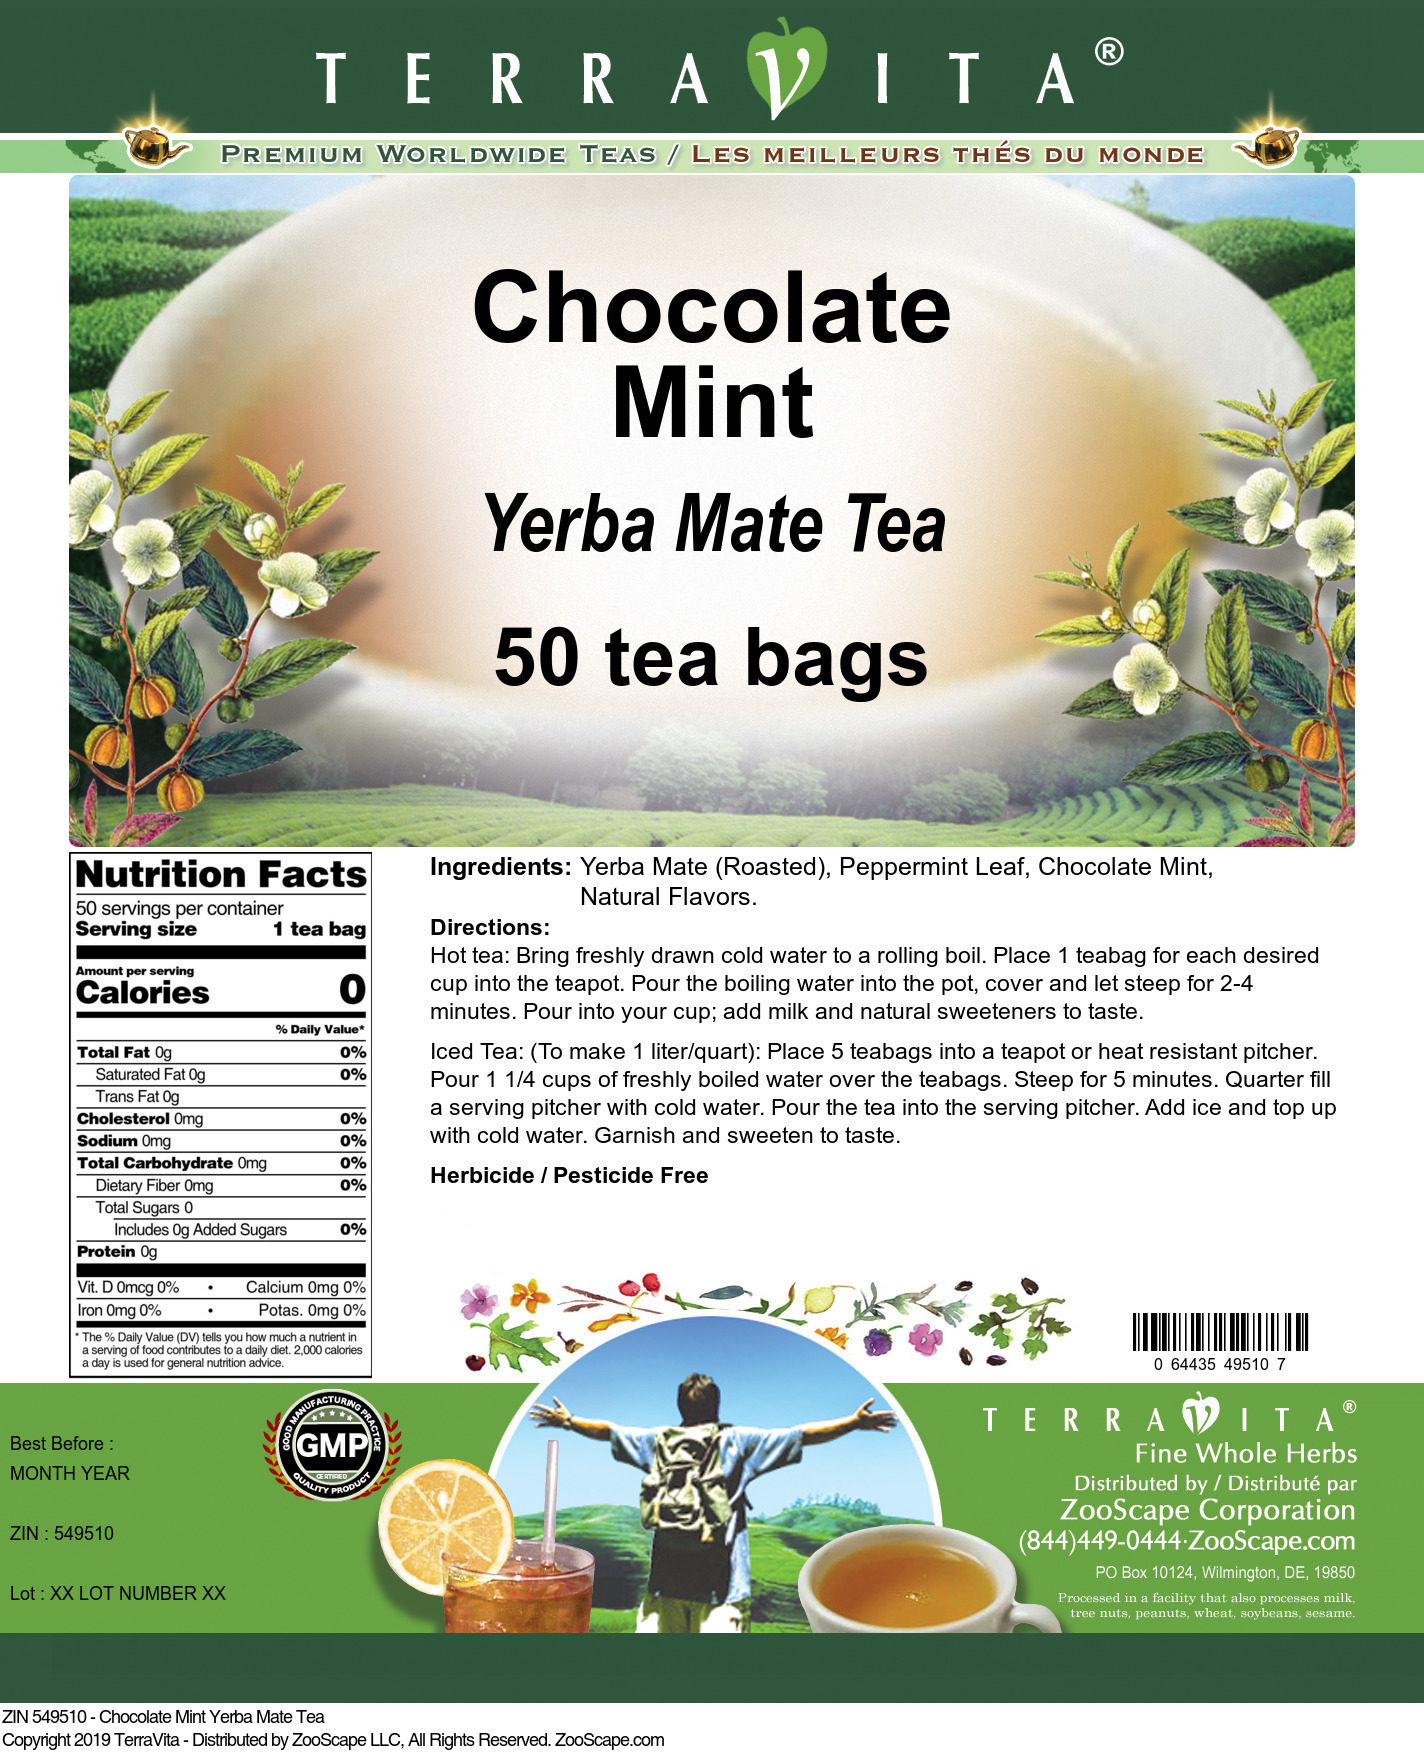 Chocolate Mint Yerba Mate